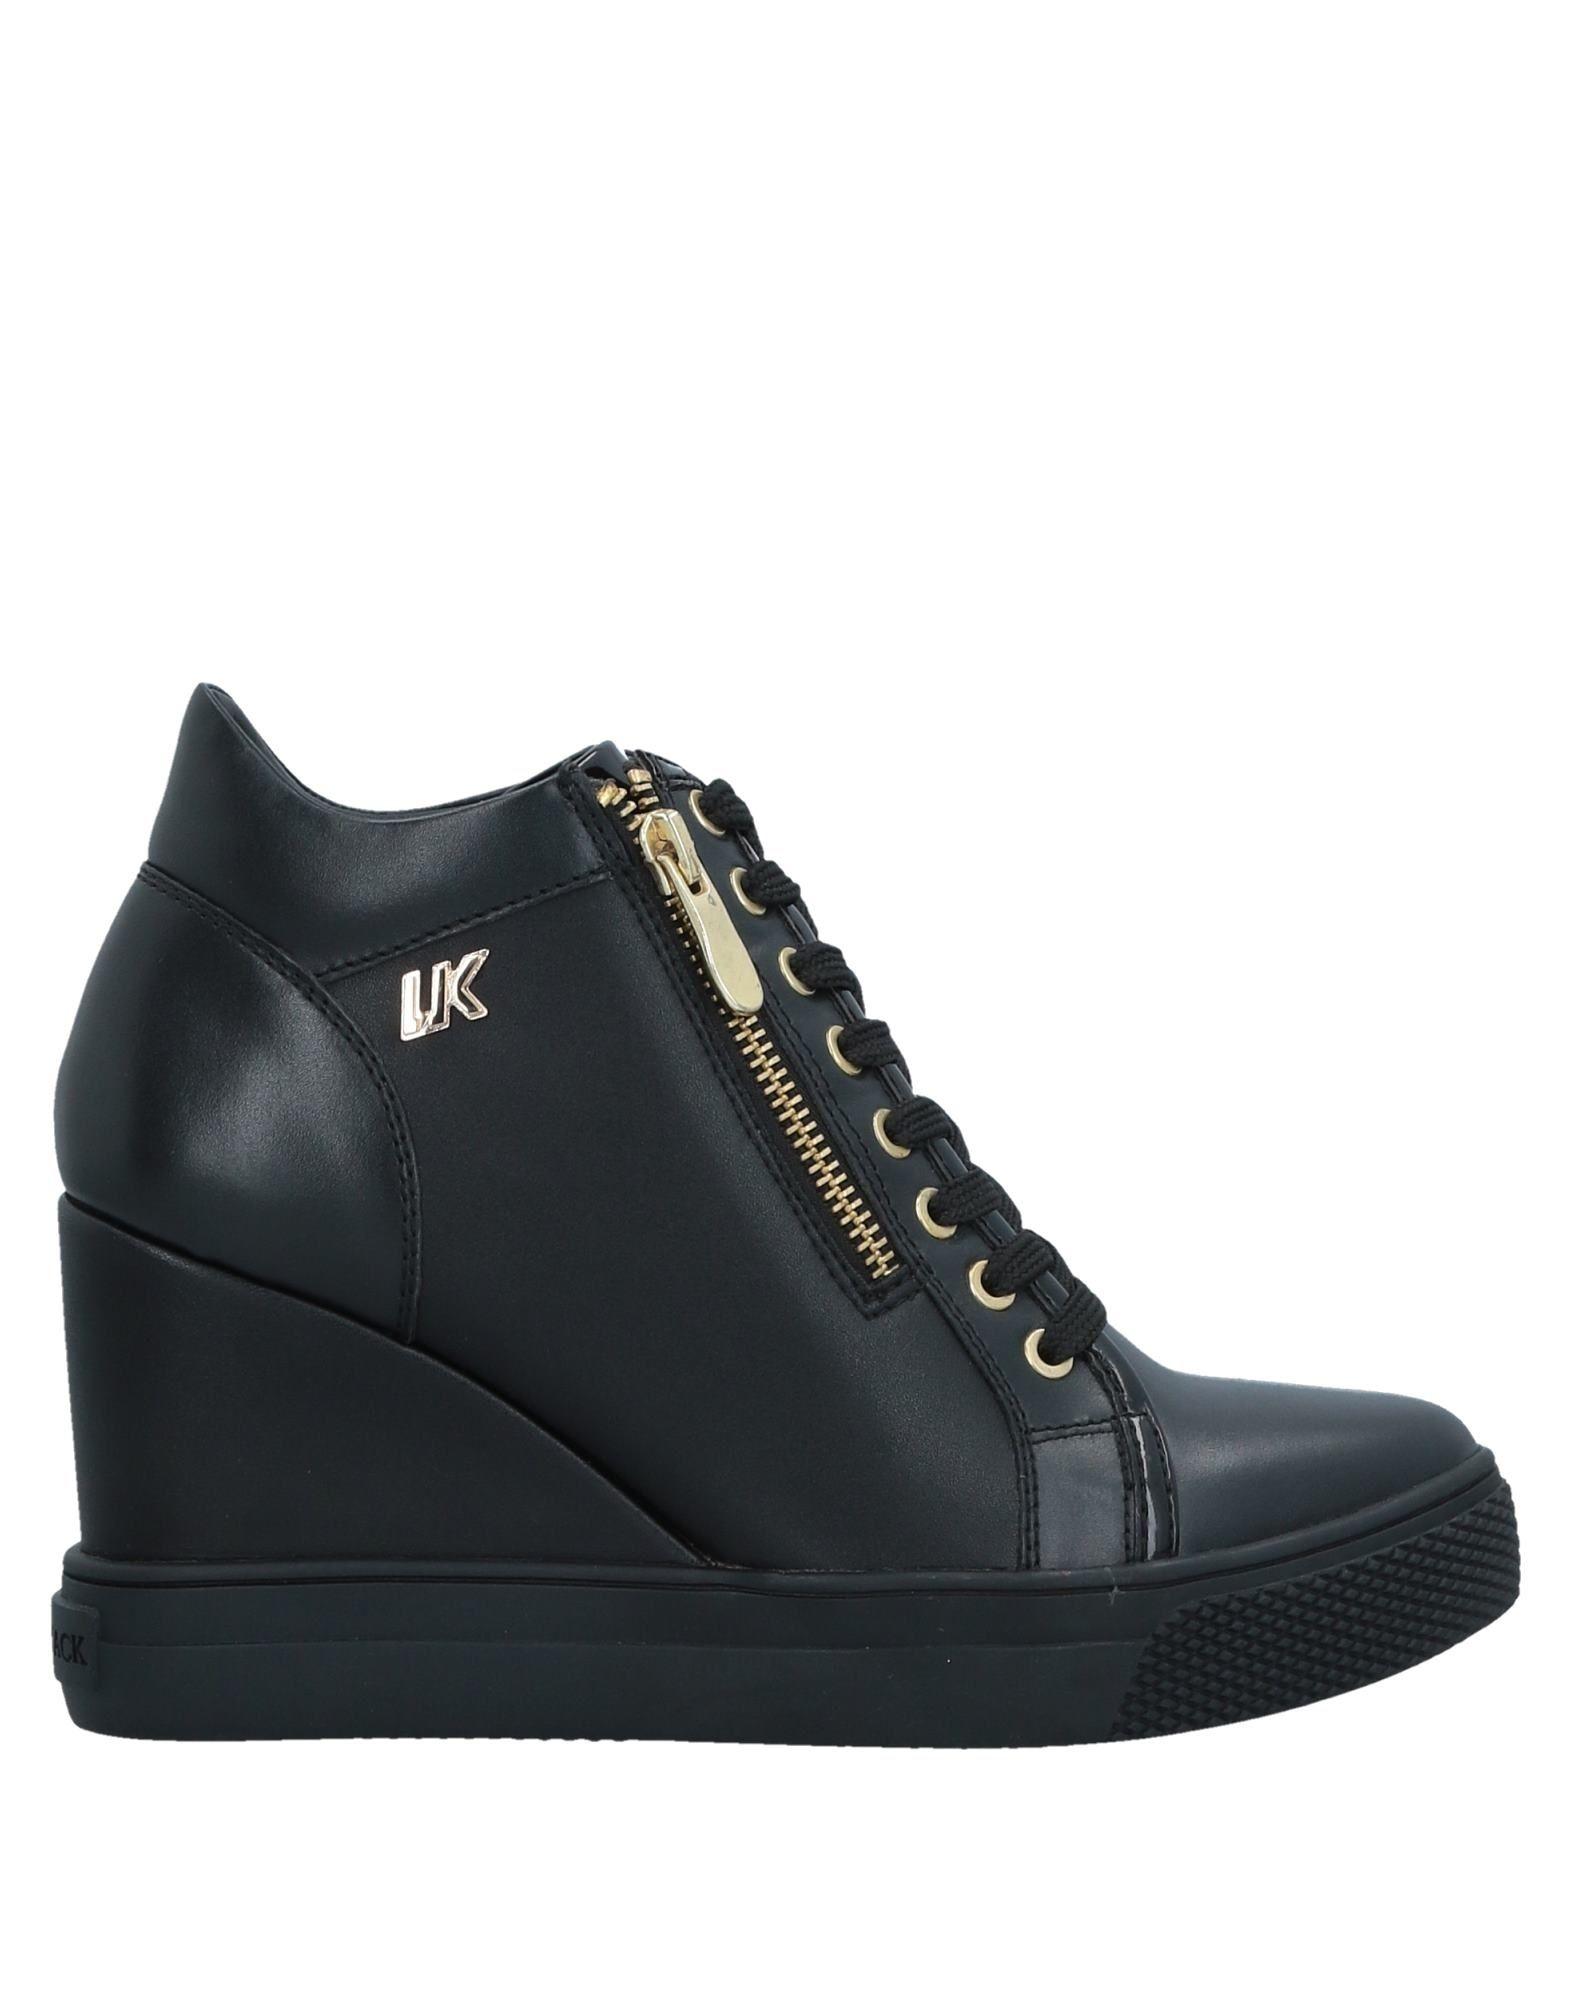 Lumberjack Sneakers Damen  11515967LS Gute Qualität beliebte Schuhe